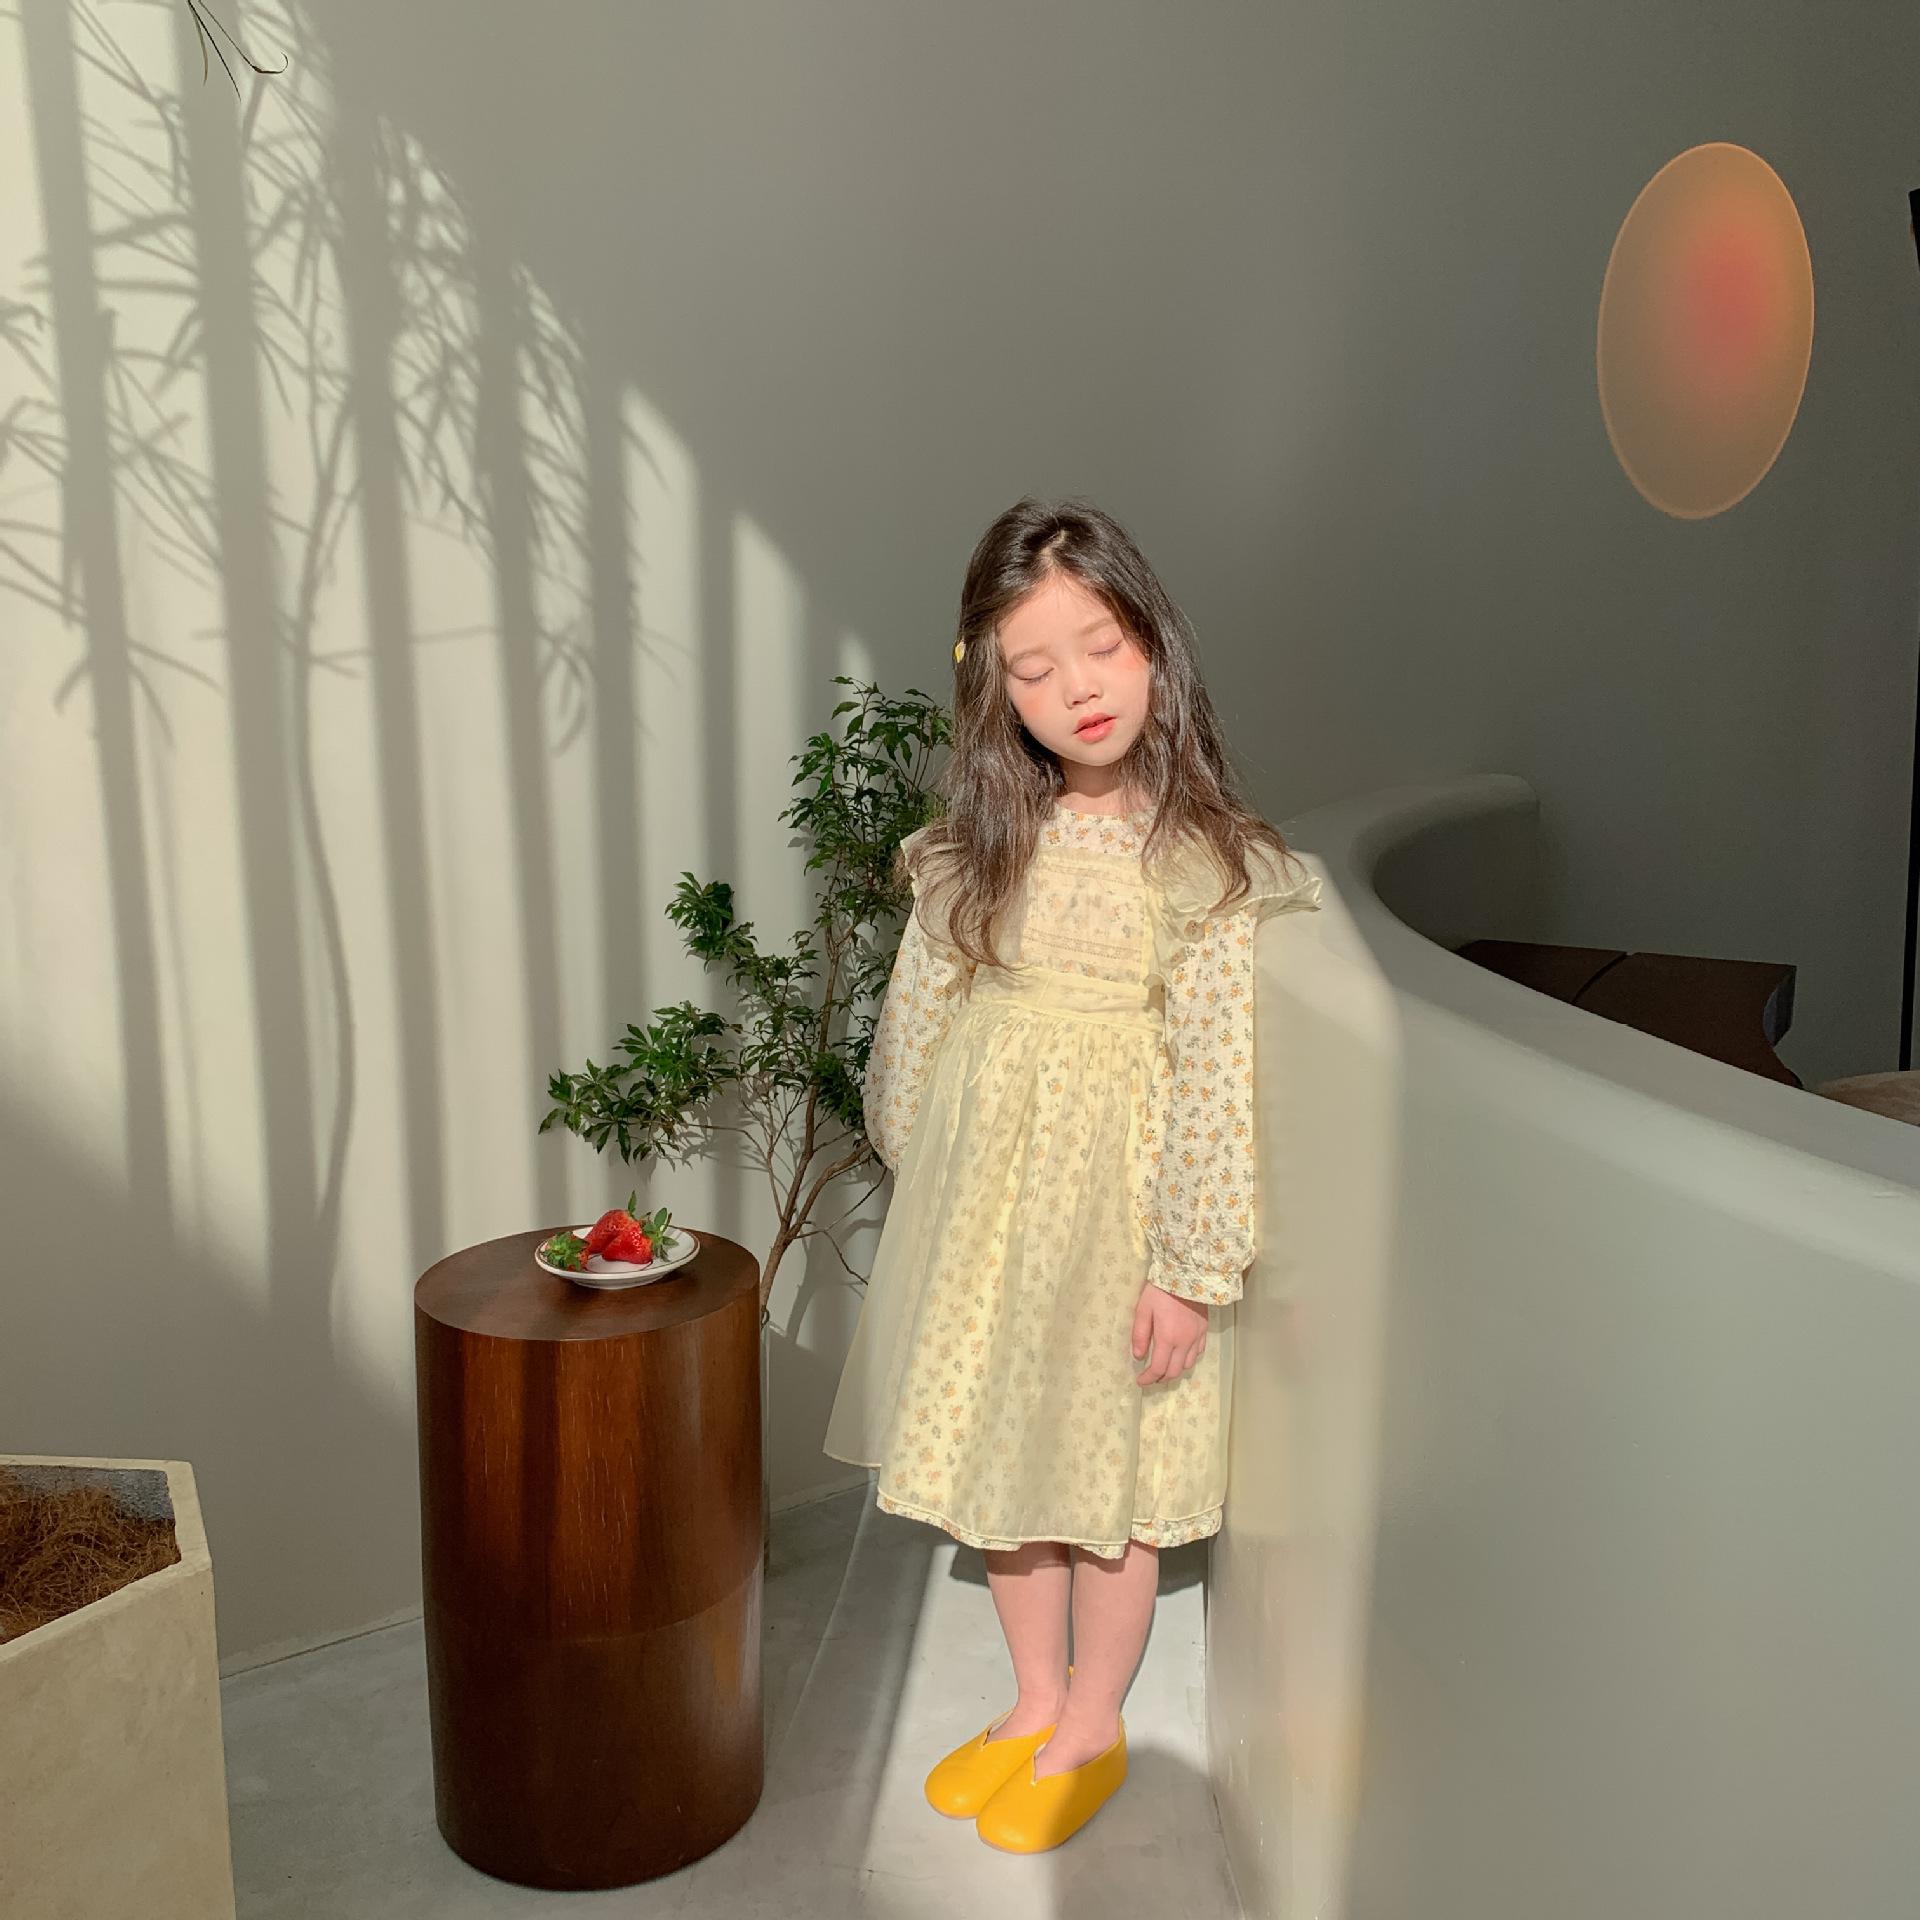 【即納】レイヤード 小花柄ワンピース エプロン 2021SS 春夏 韓国子供服